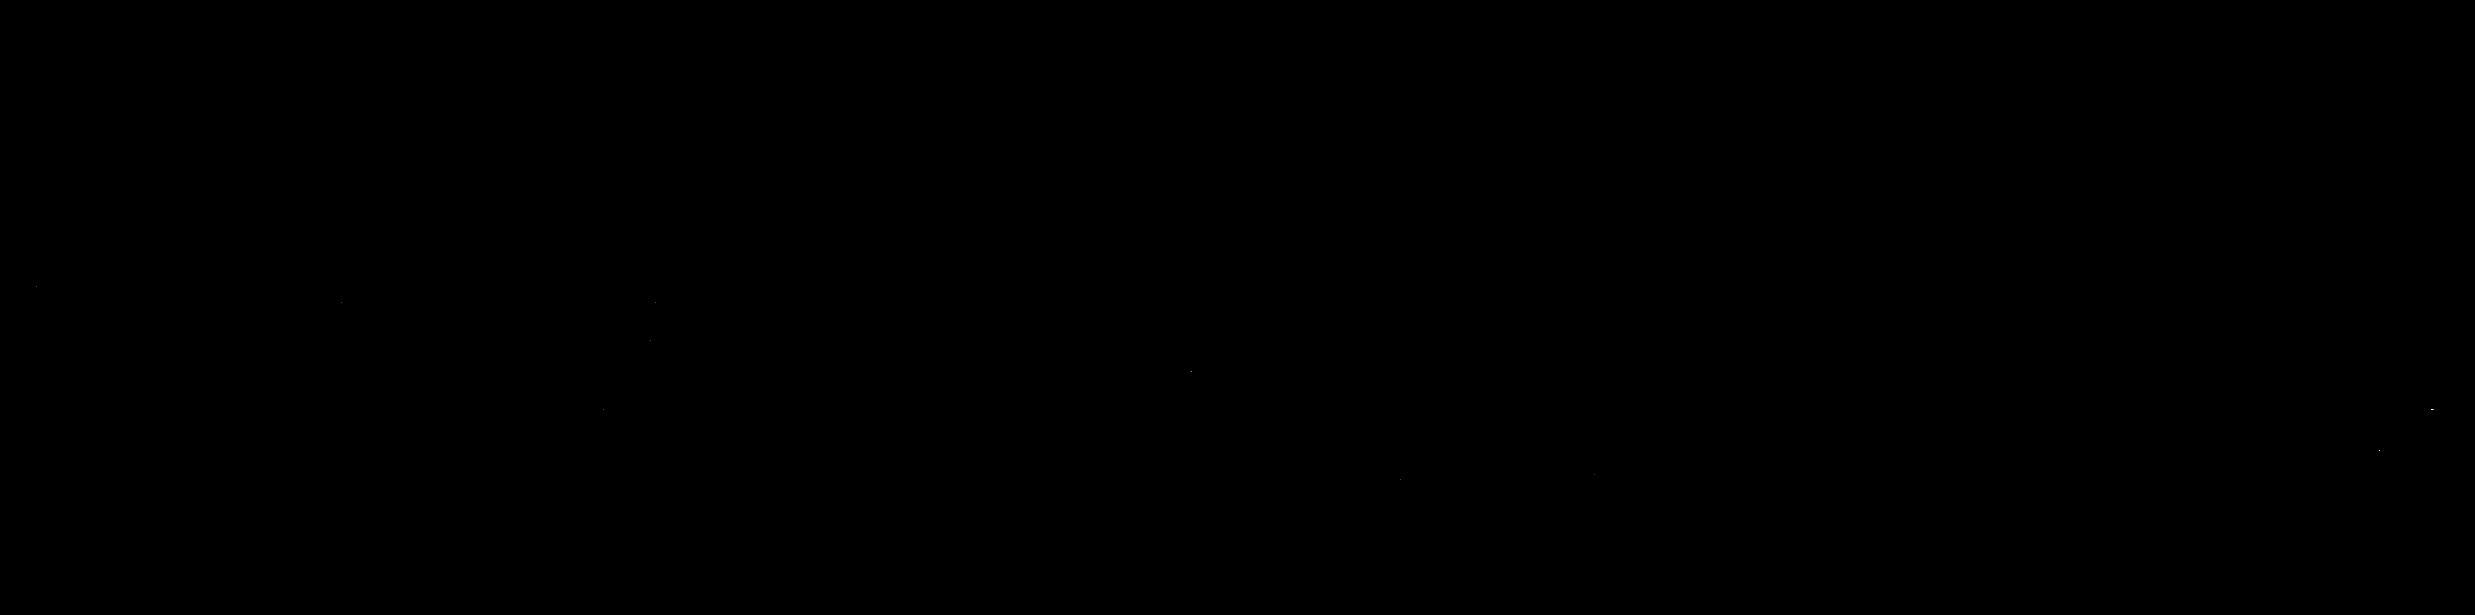 RWS TYPE ONLY (B RGB).png